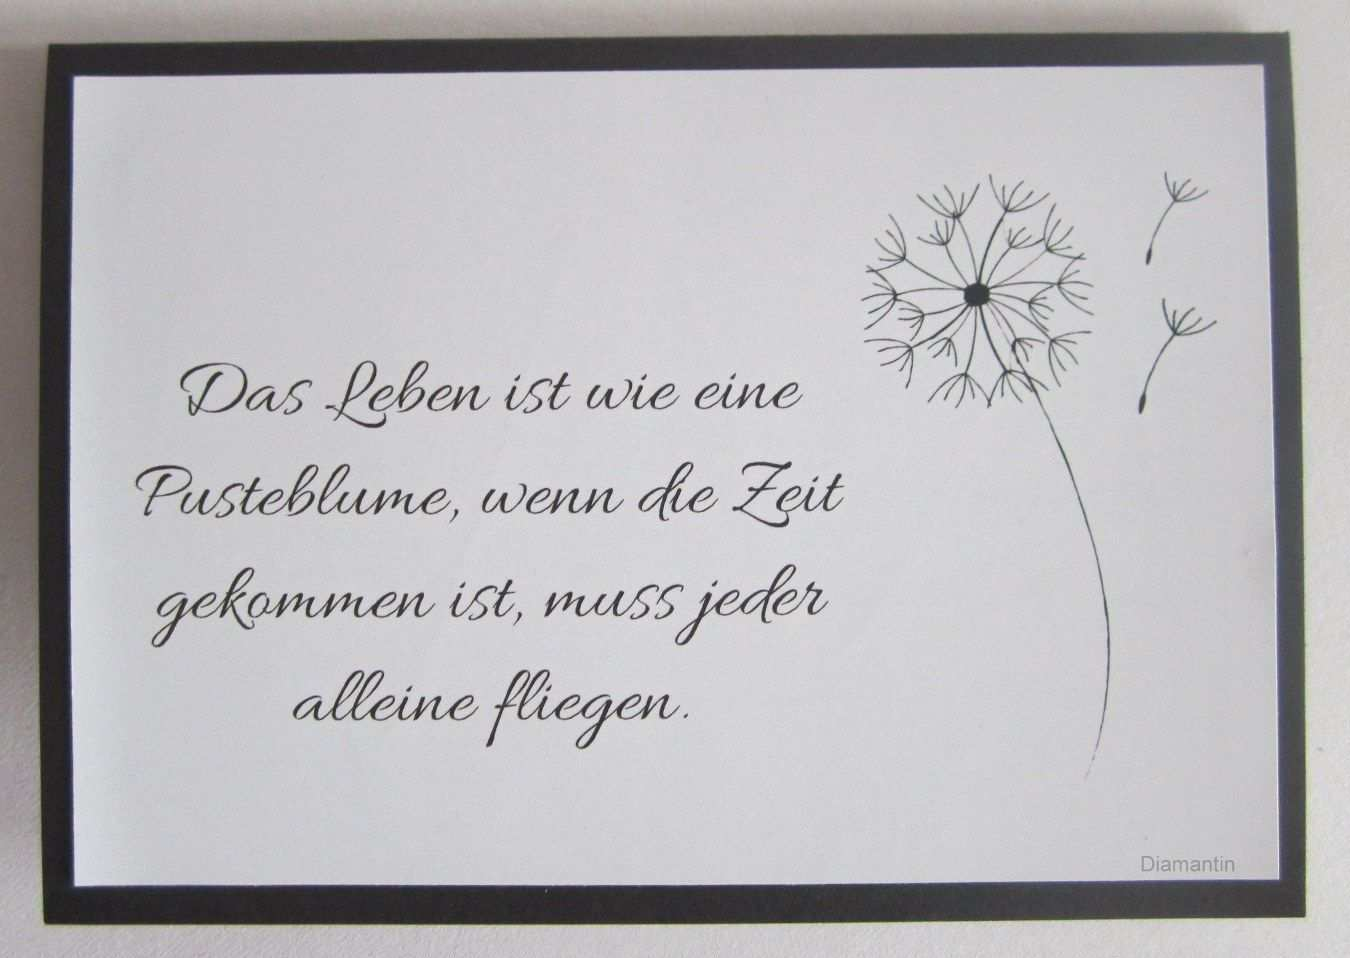 Diamantin S Hobbywelt Trauerkarten Spruche Trauer Beileid Spruche Trauer Texte